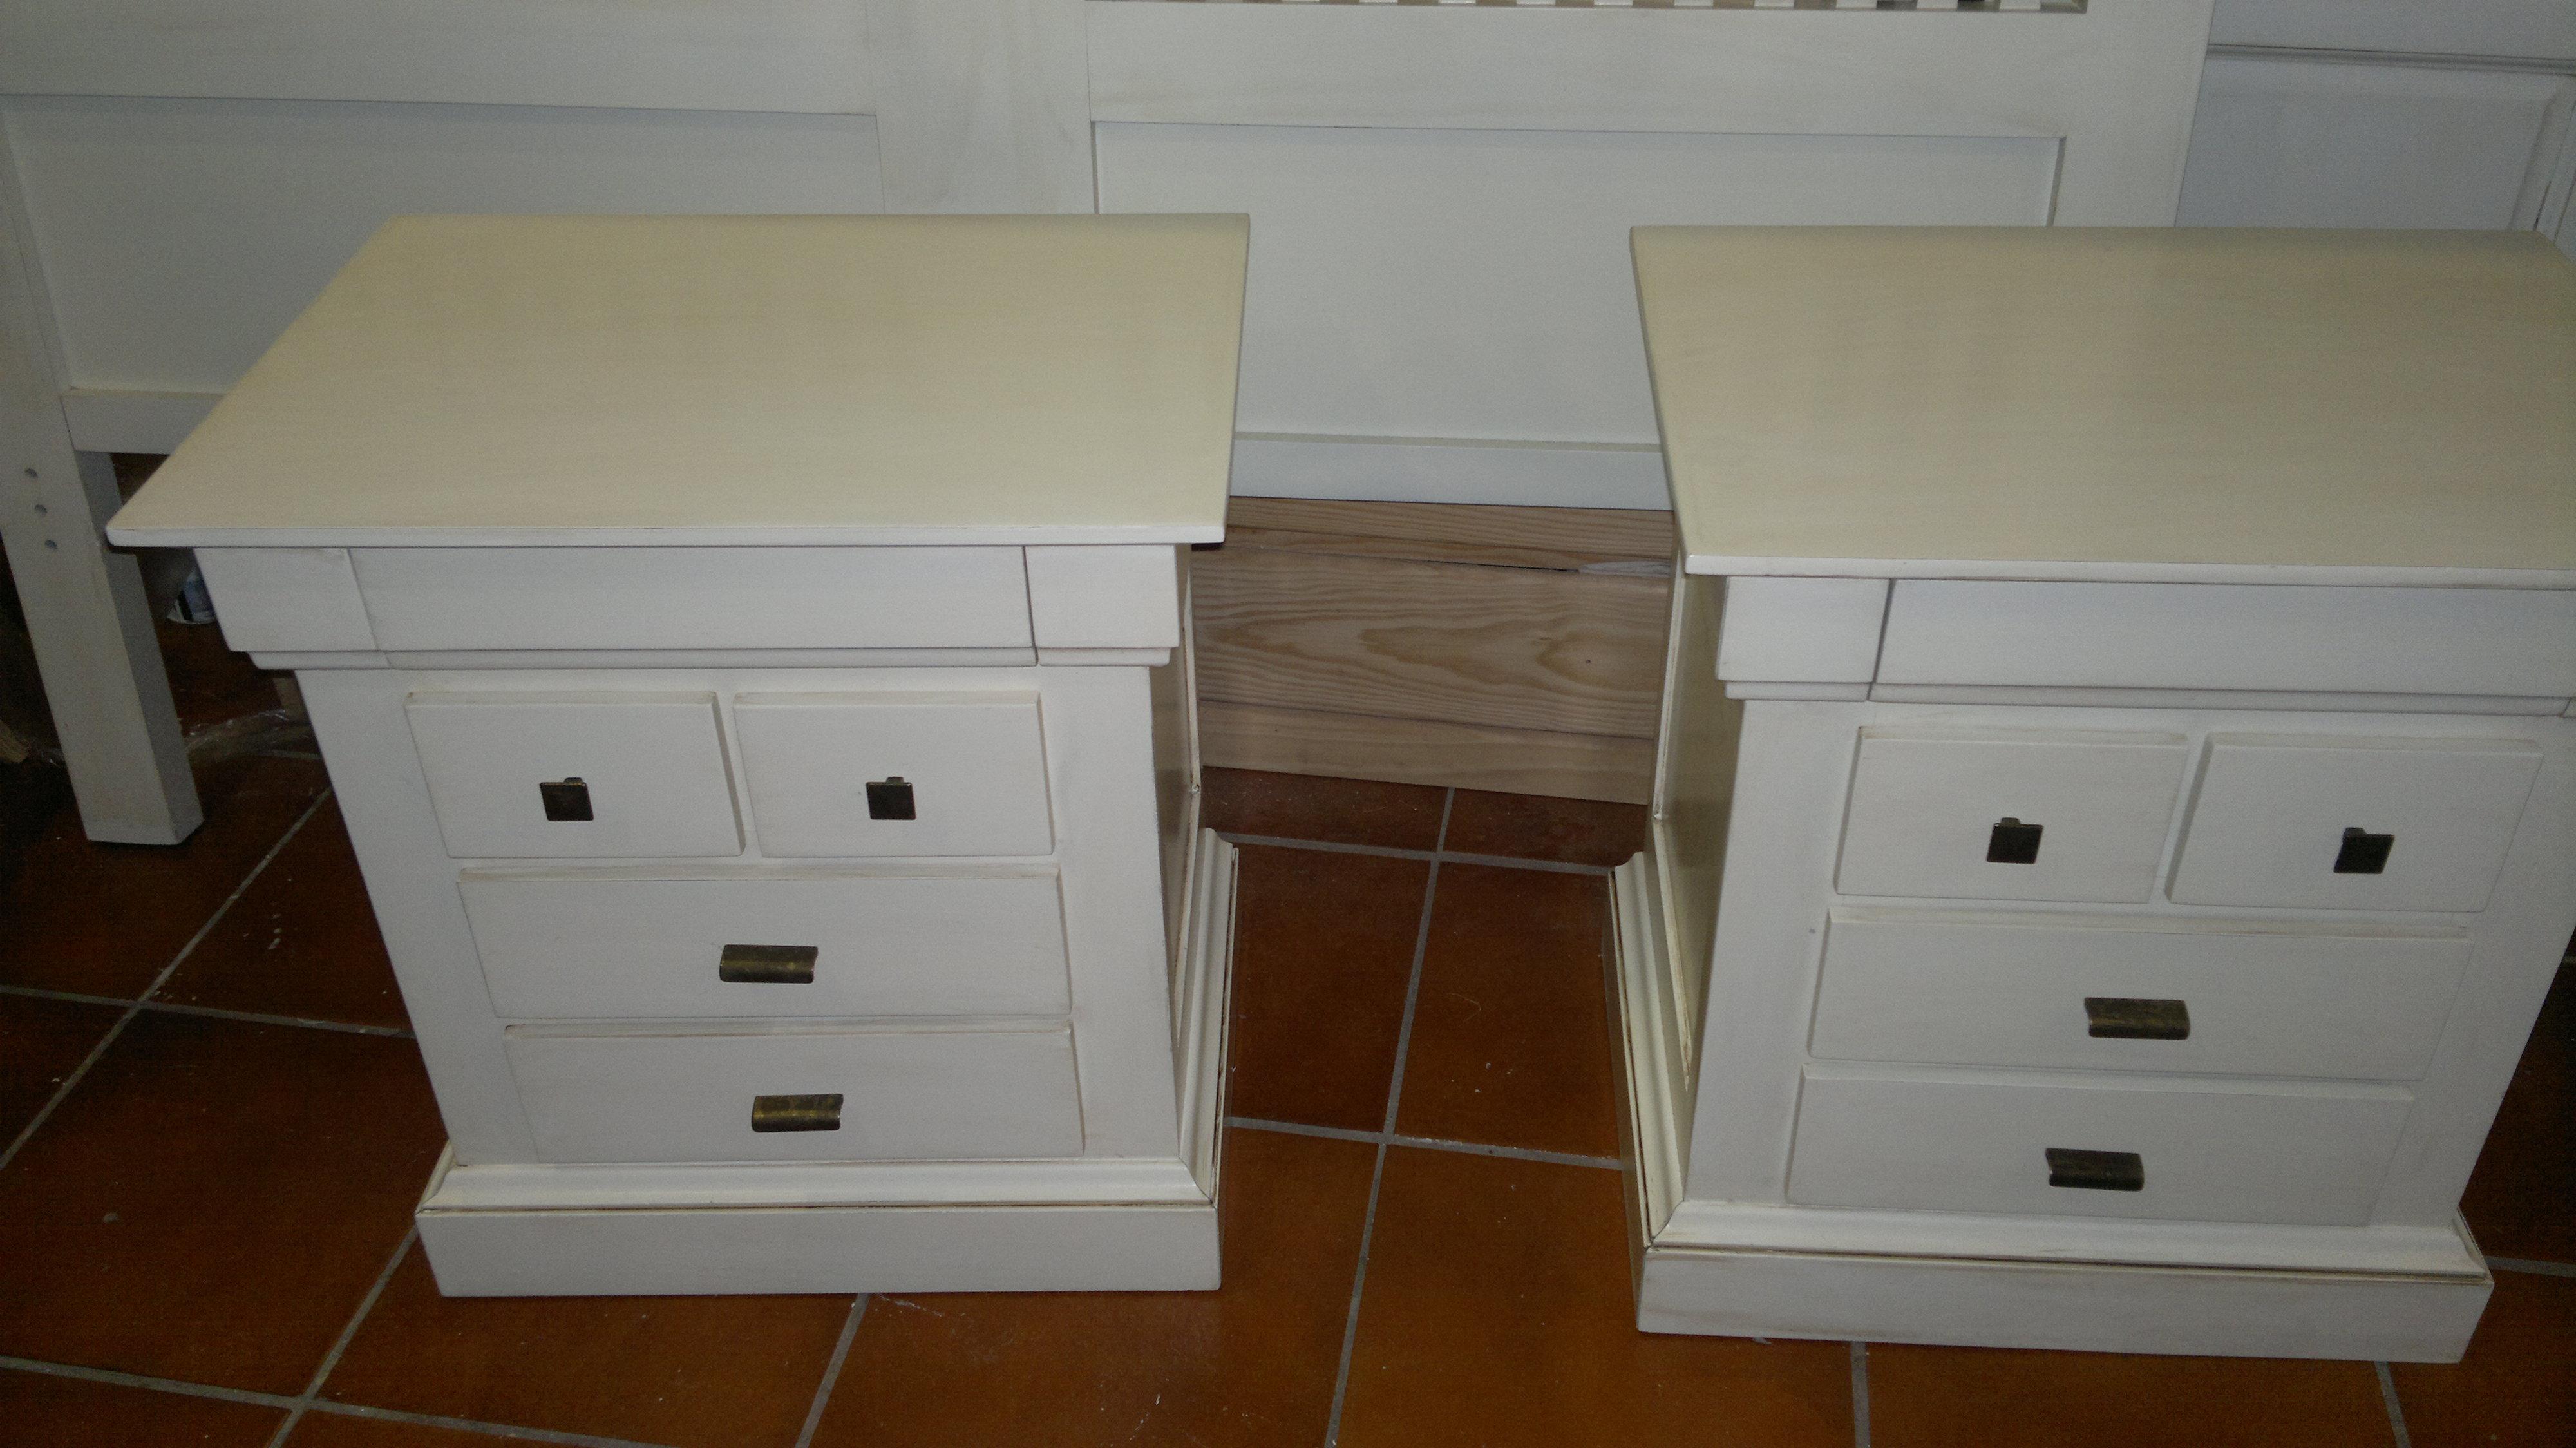 Como pintar un mueble de blanco retoques en un mueble for Pintar muebles barnizados